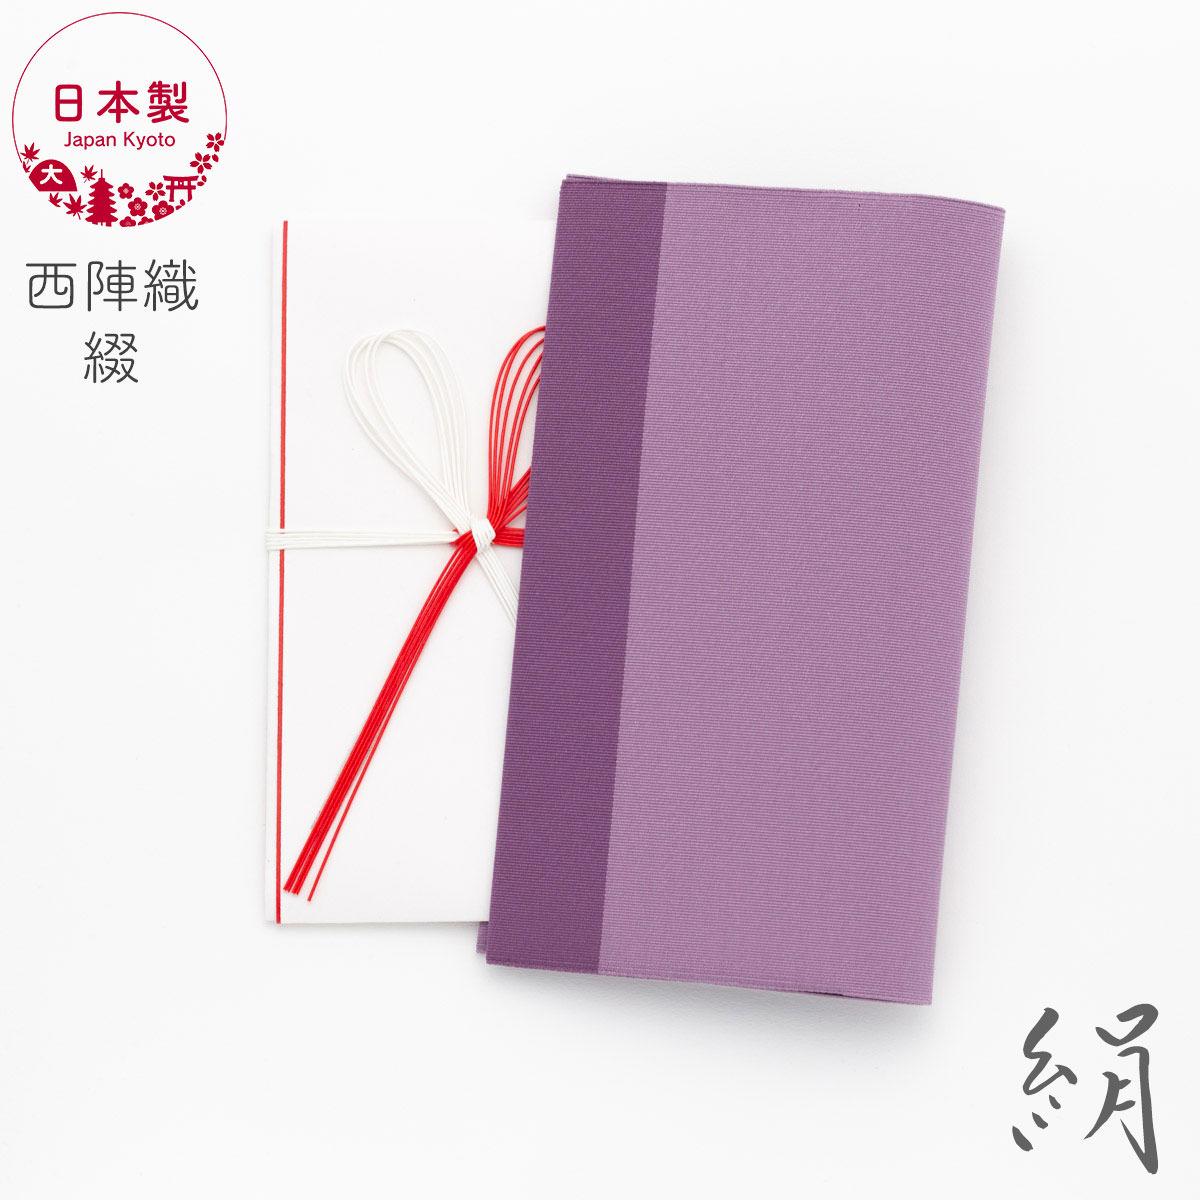 ふくさ 袱紗 結婚式 お祝い 男性 女性 日本製 西陣織 綴 シルク100% 藤色M